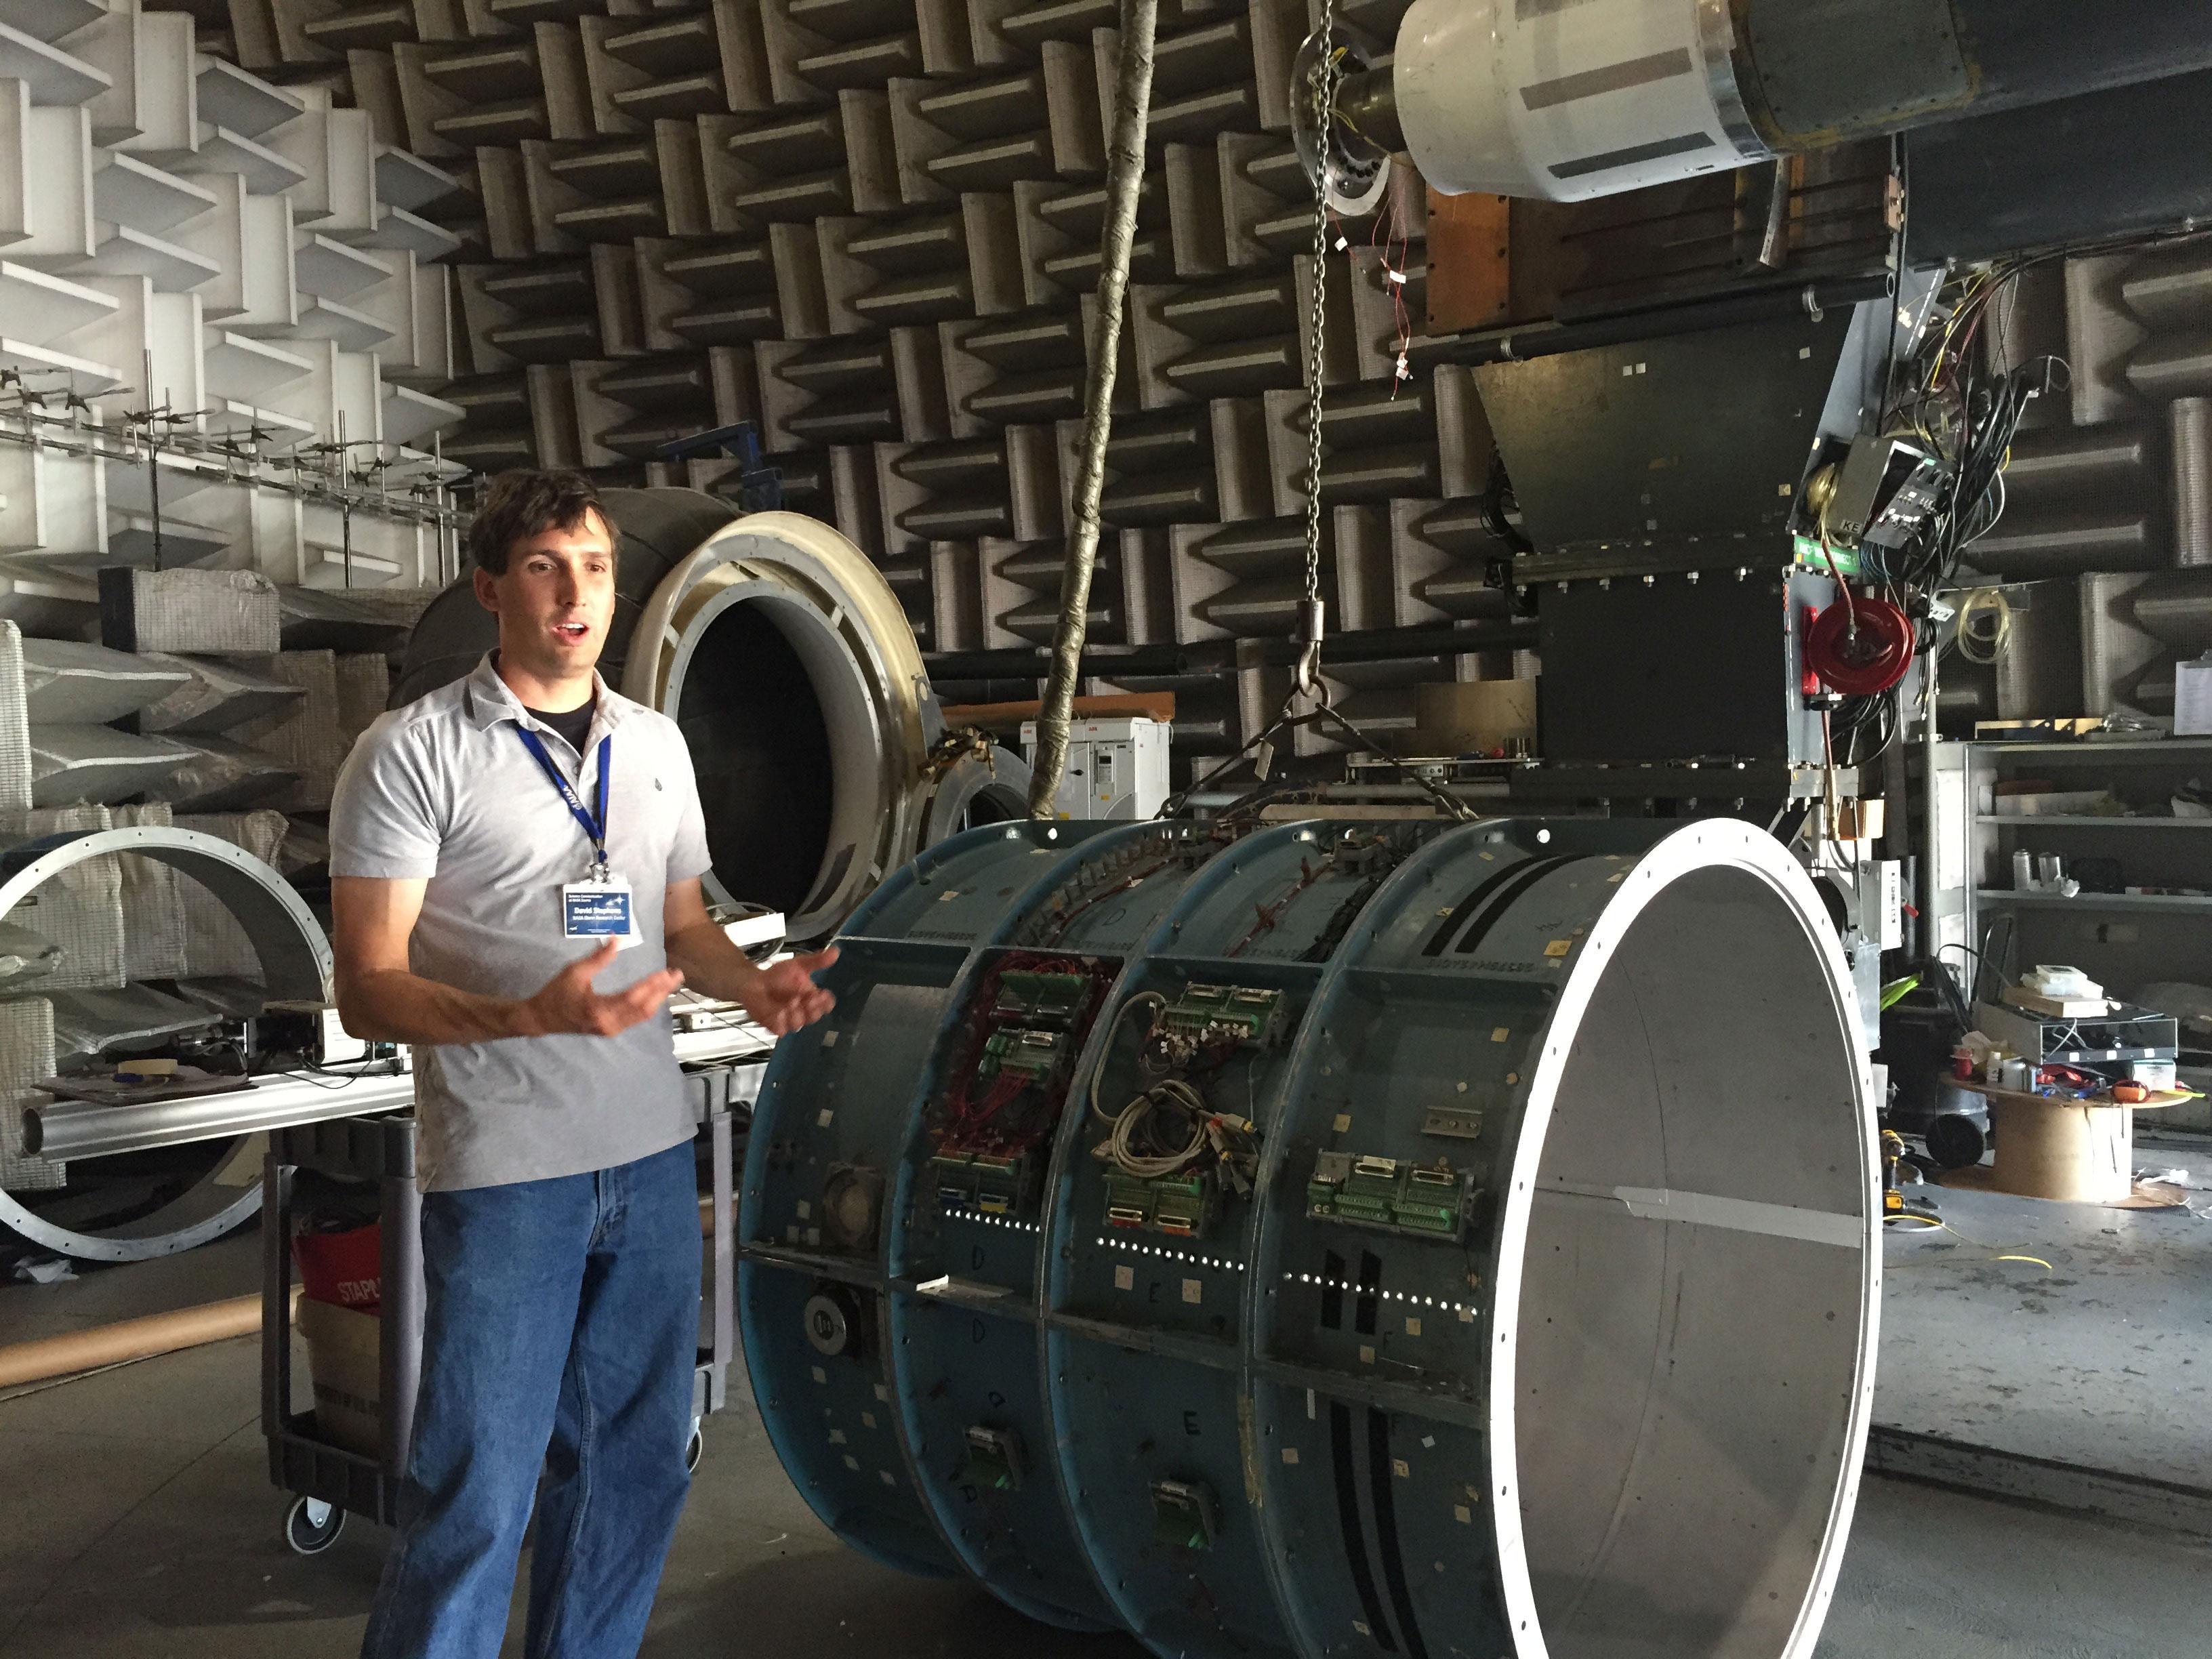 nasa jet engine calculator - photo #26